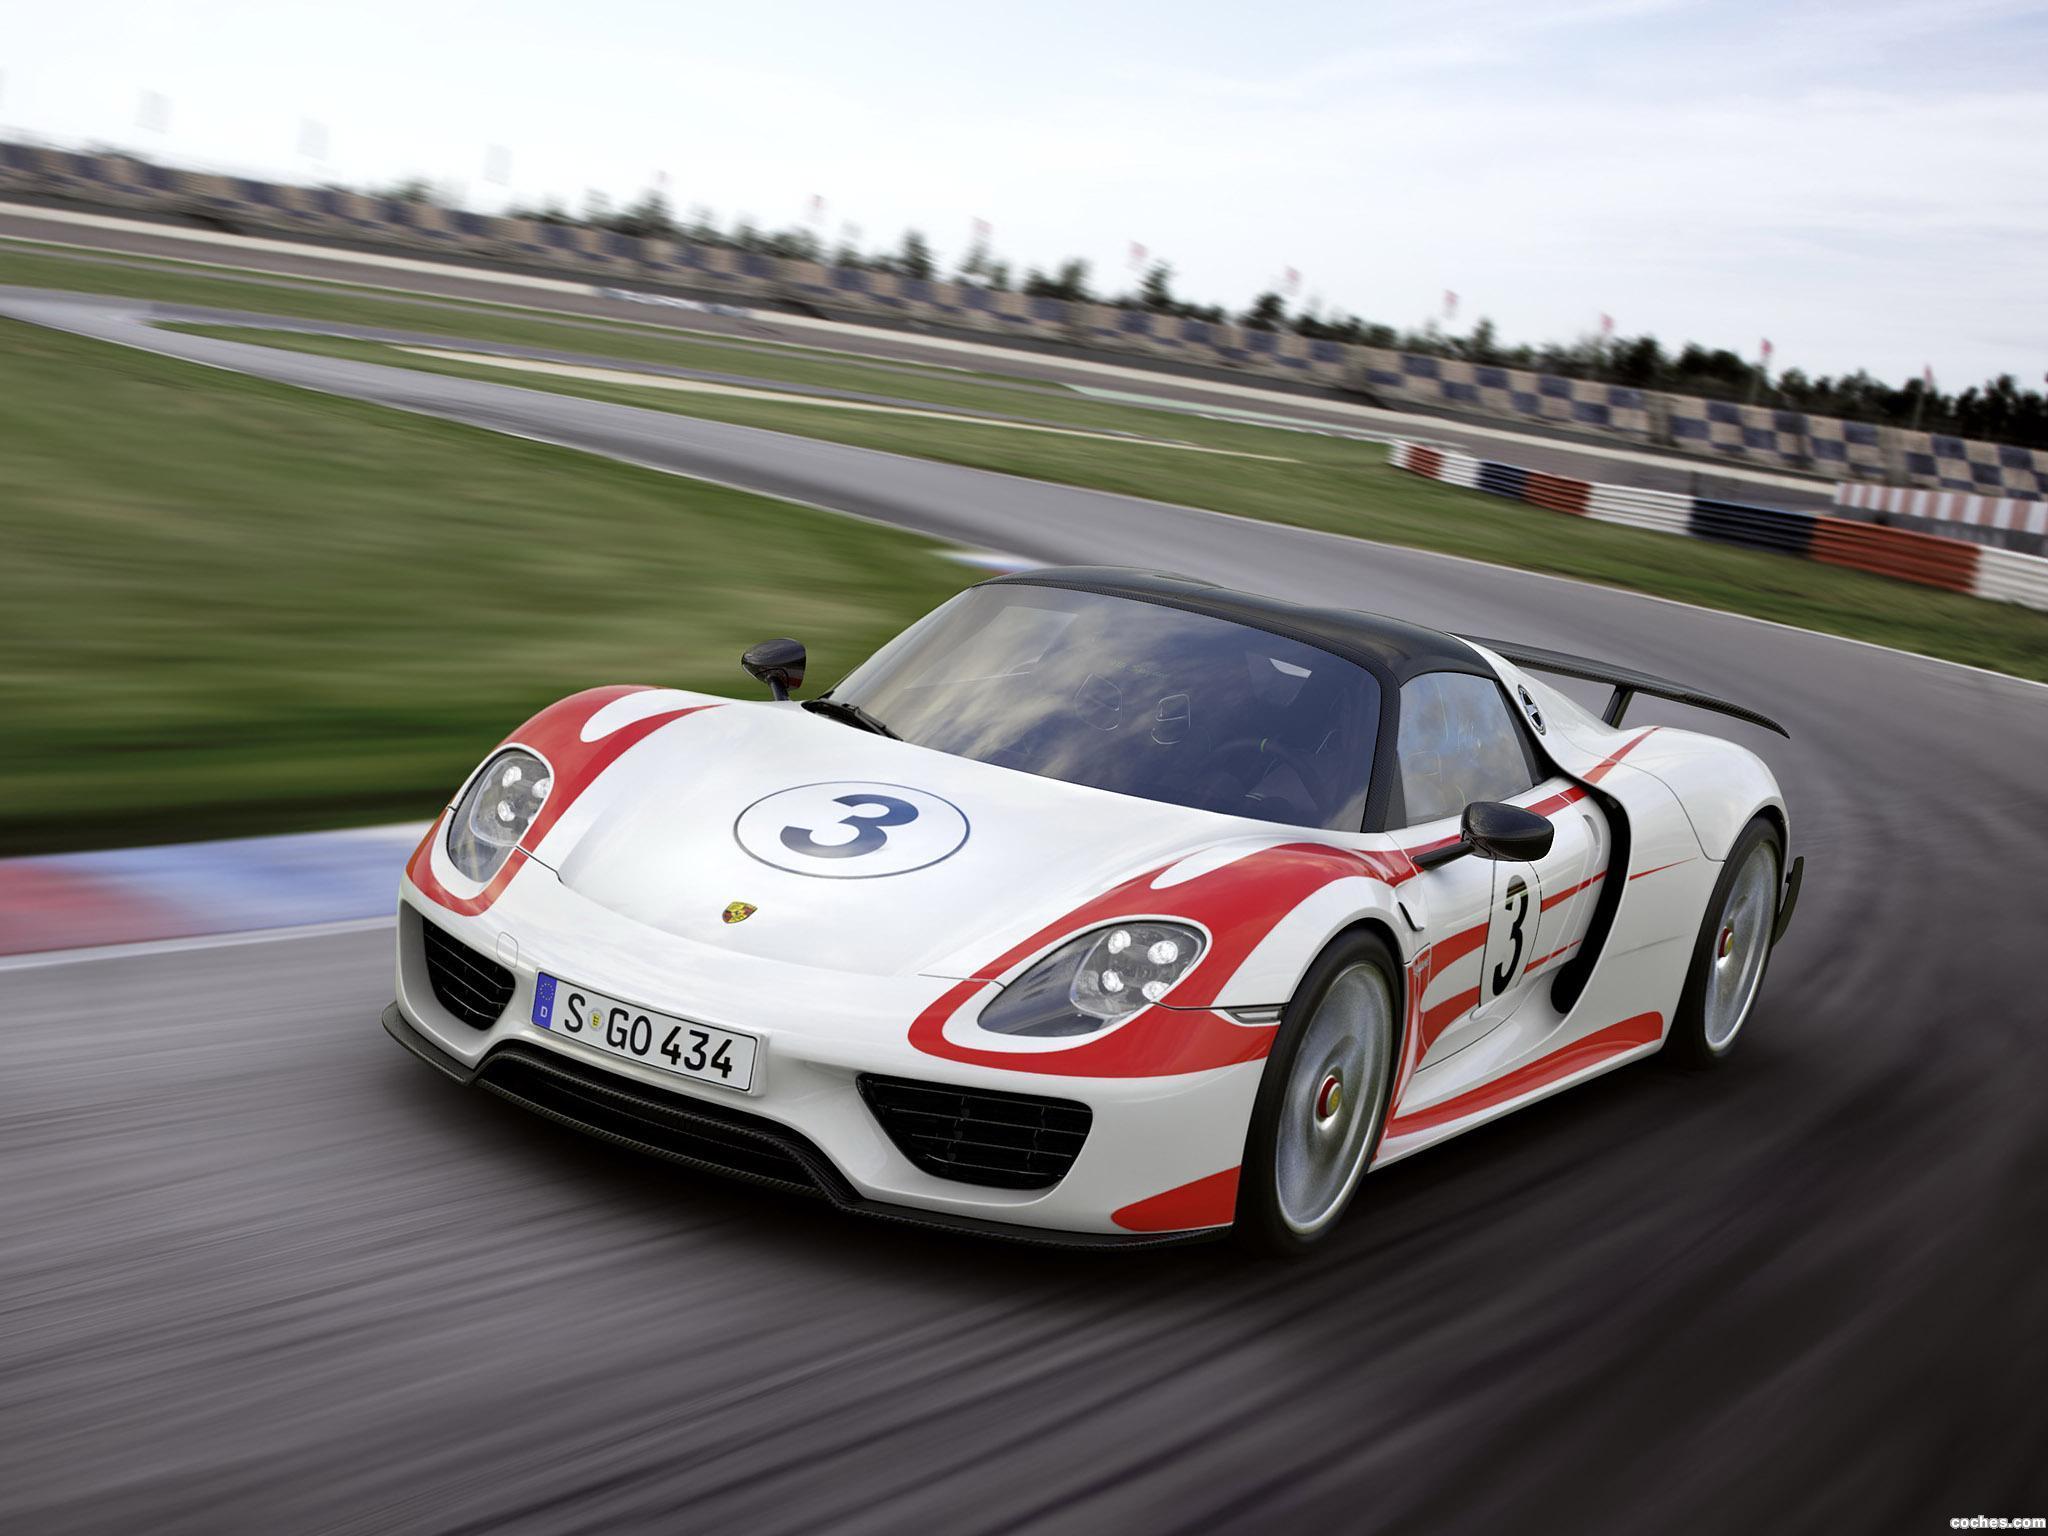 porsche_918-spyder-weissach-package-2014_r4 Extraordinary Porsche 918 Spyder Weissach Package Precio Cars Trend